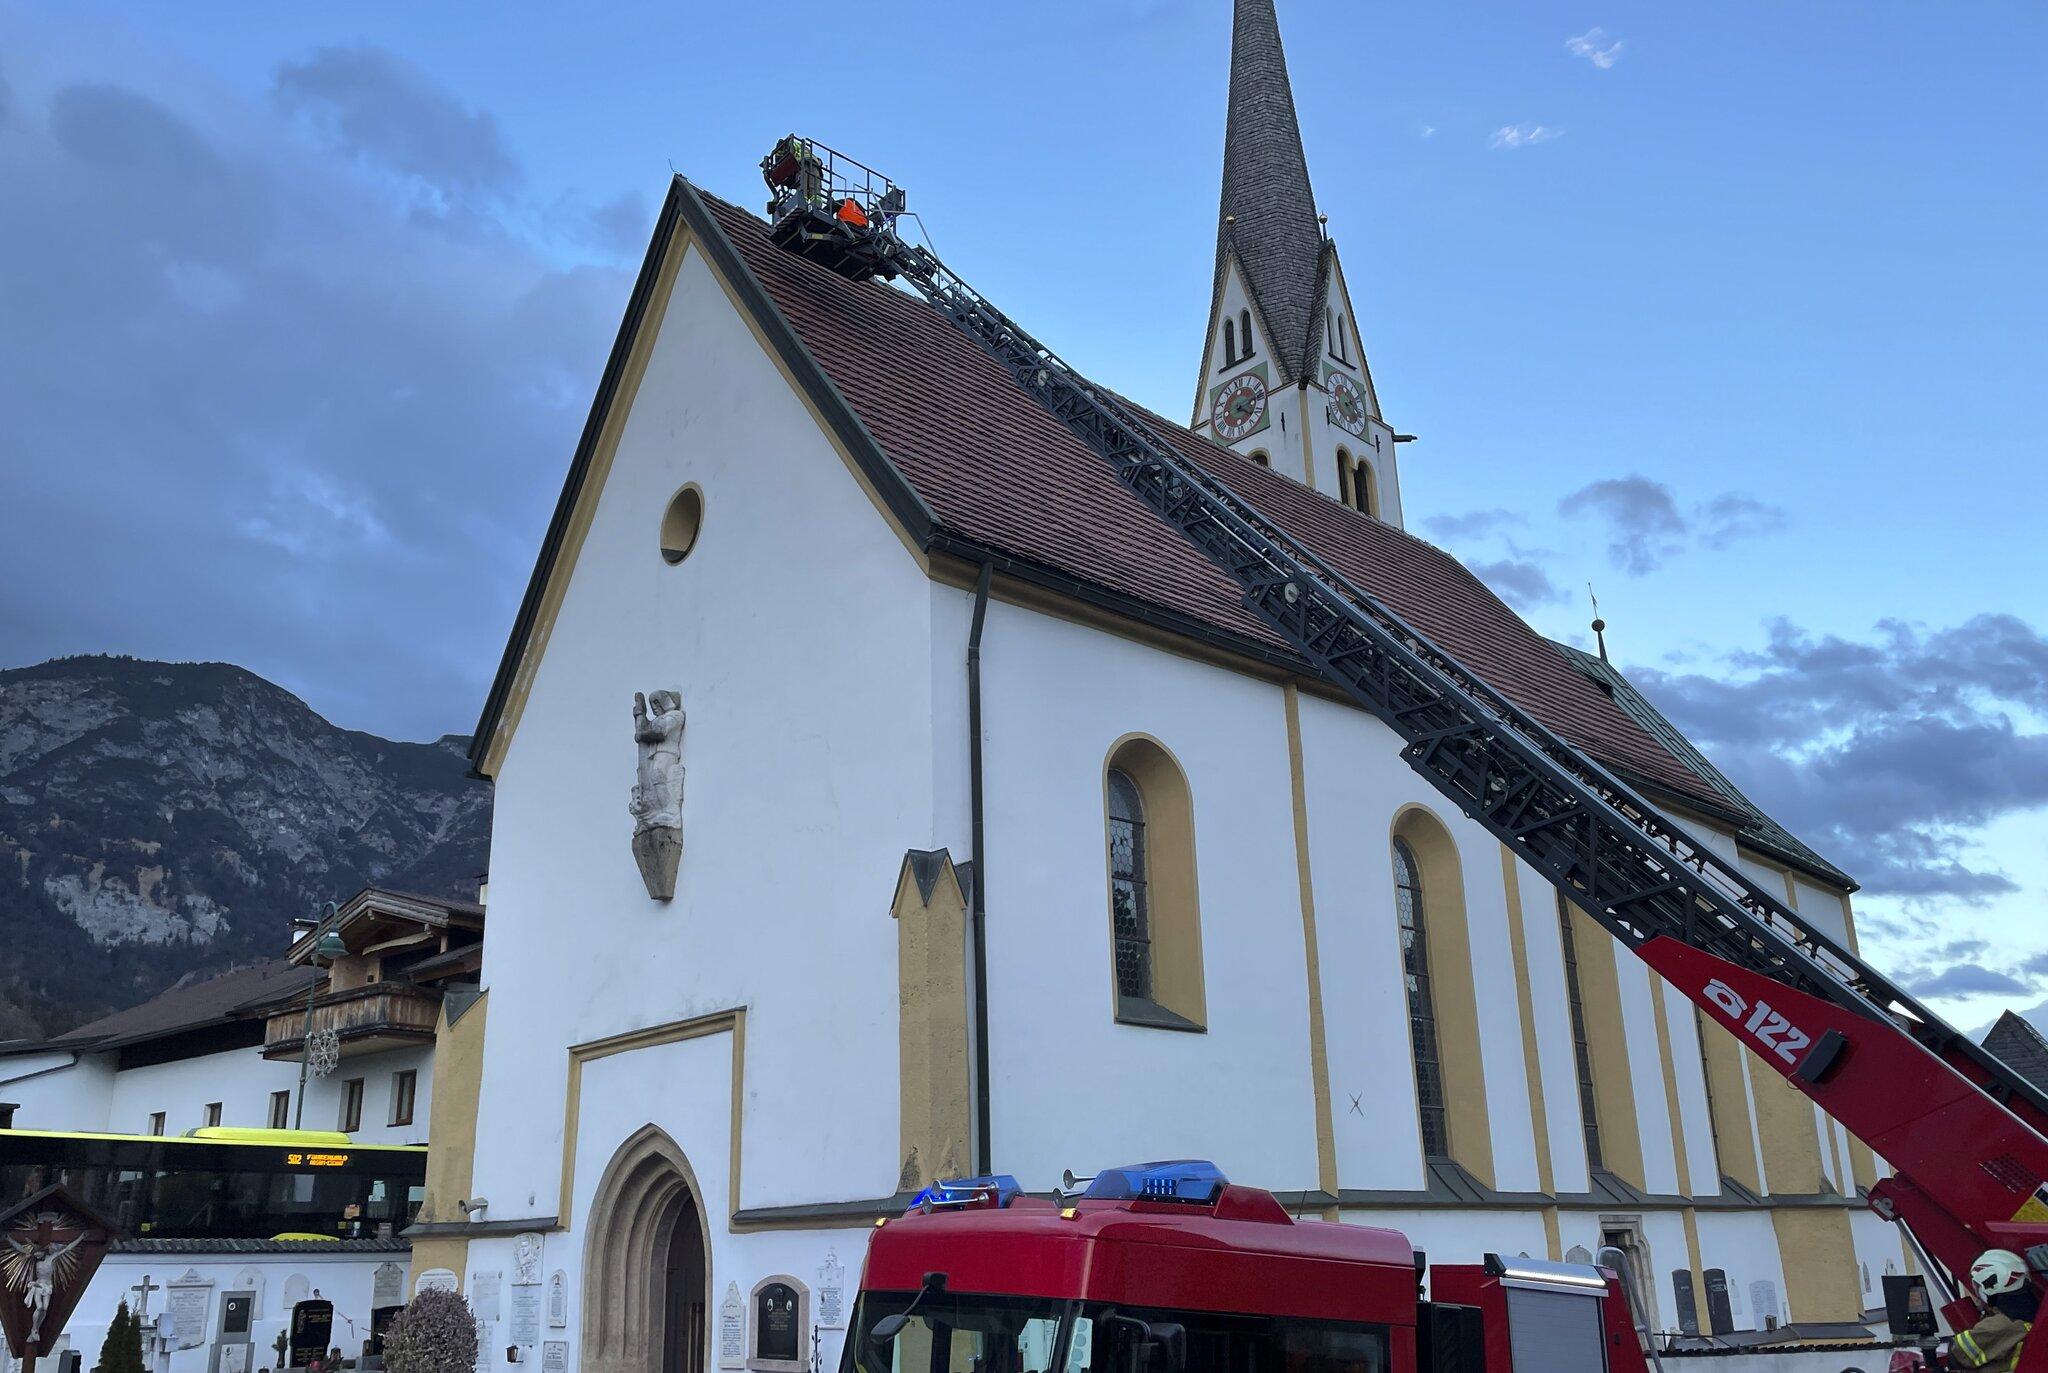 Sturm-l-ste-Dachziegel-bei-Wohnanlage-und-Rumer-Kirche